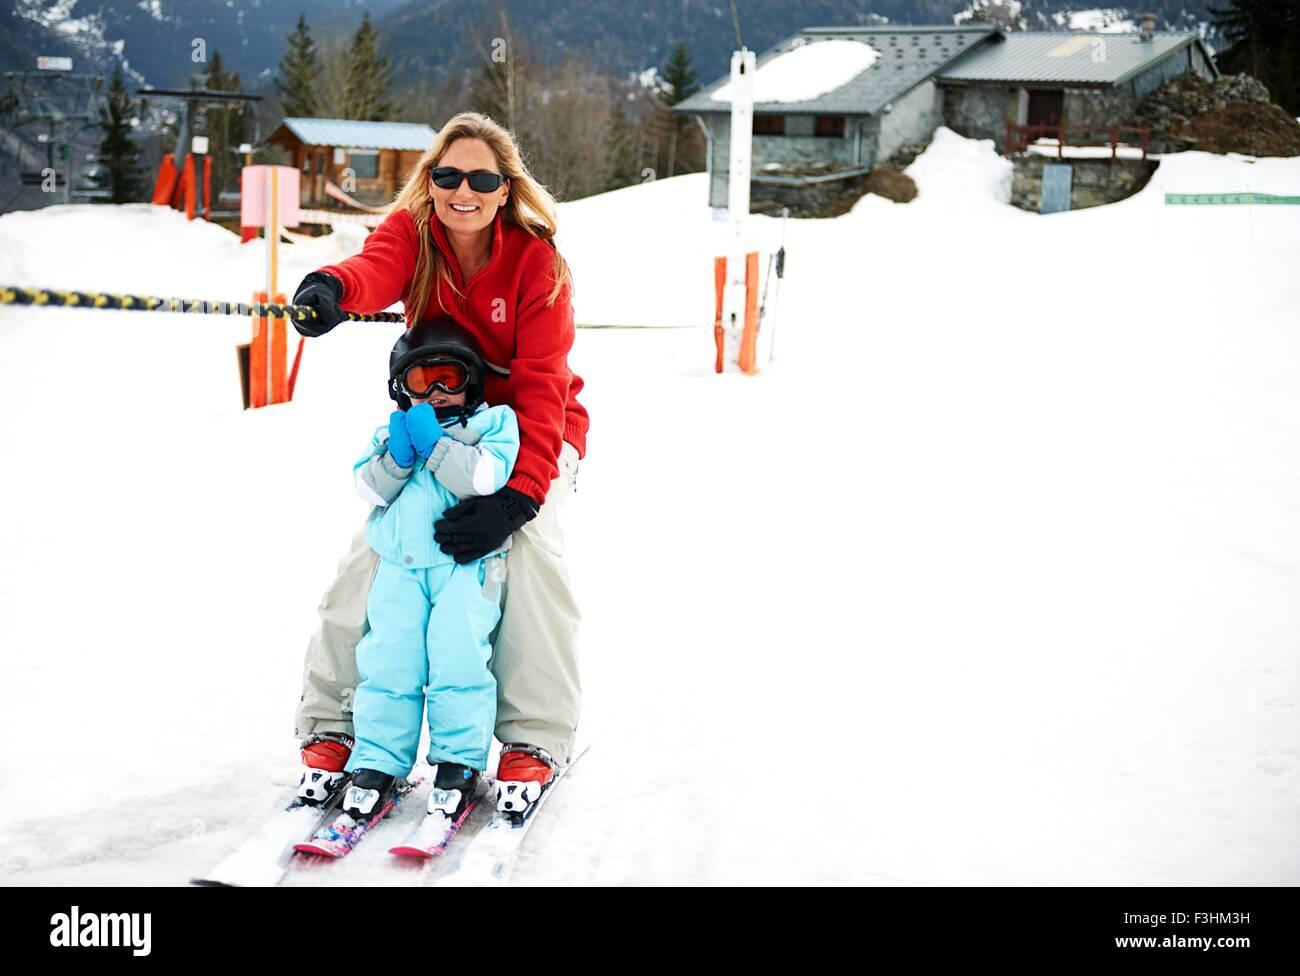 Tout-petit mâle en face de mère déménagement jusqu'à la corde de ski, Les Arcs, Villaroger,Savoie,France Photo Stock